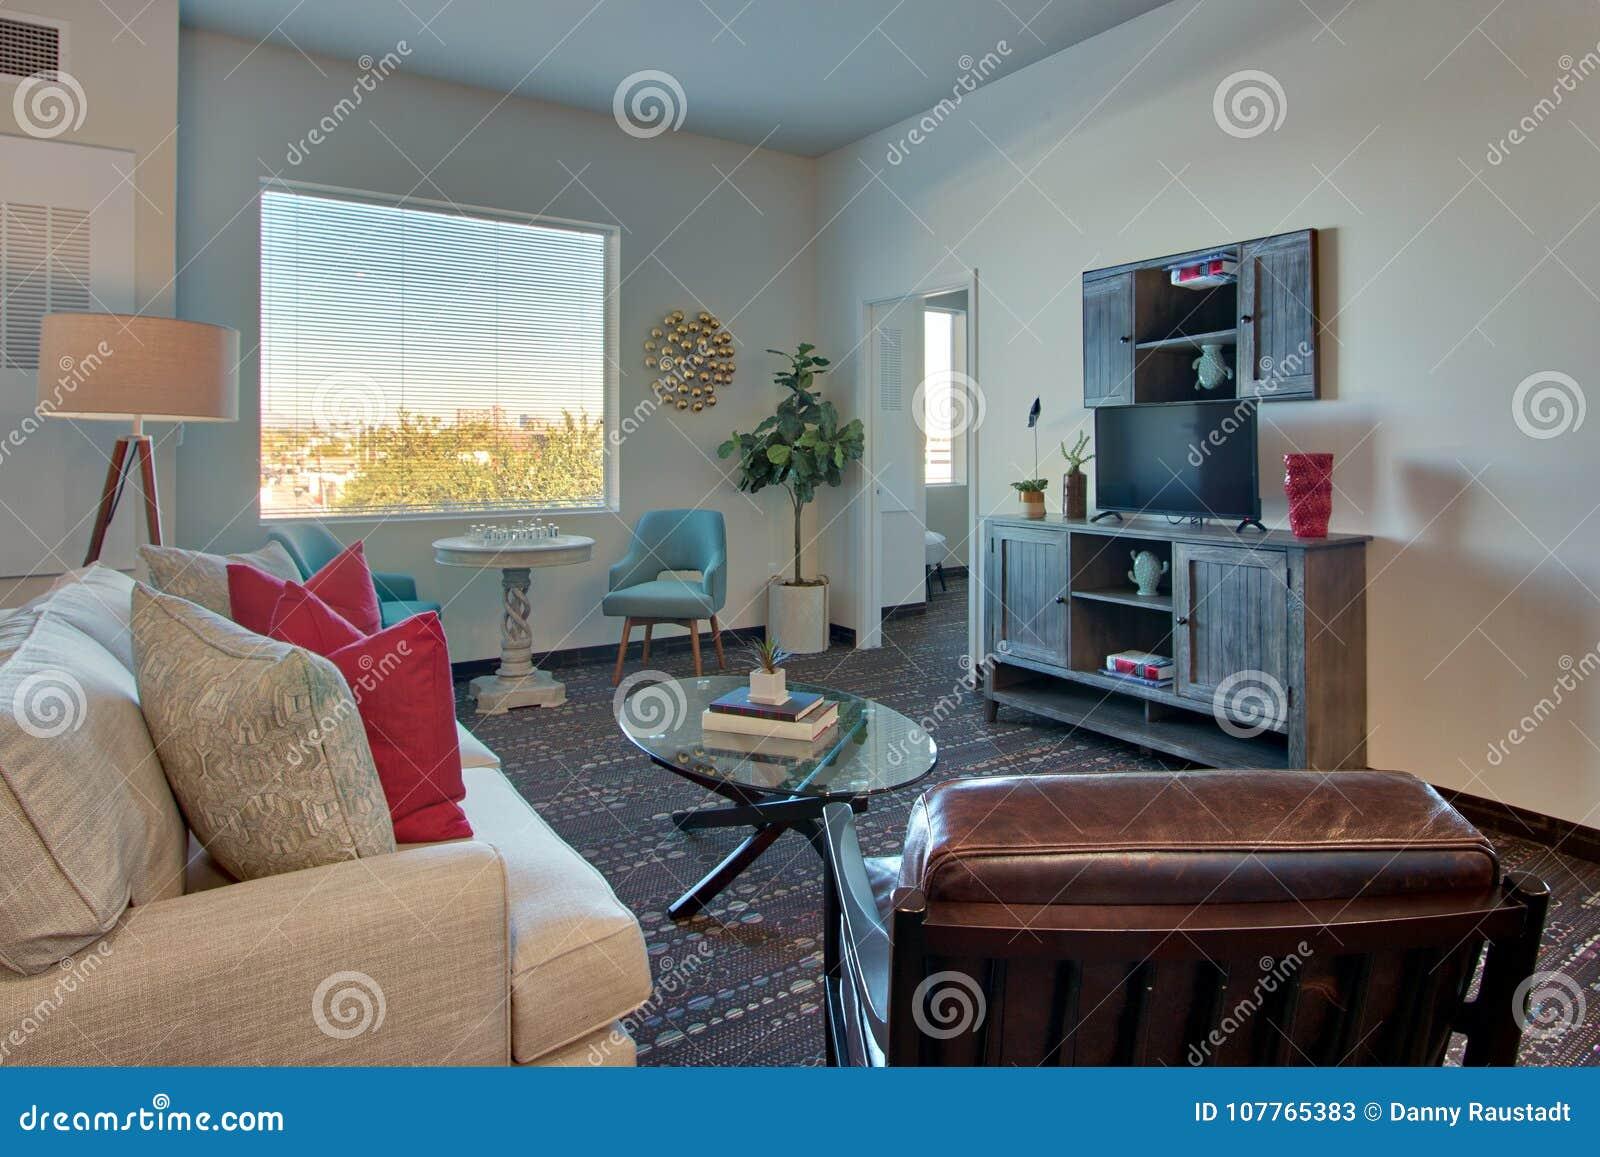 Modernes Neues Luxus-Resort-Wohnzimmer Und Möbel Stockbild - Bild ...